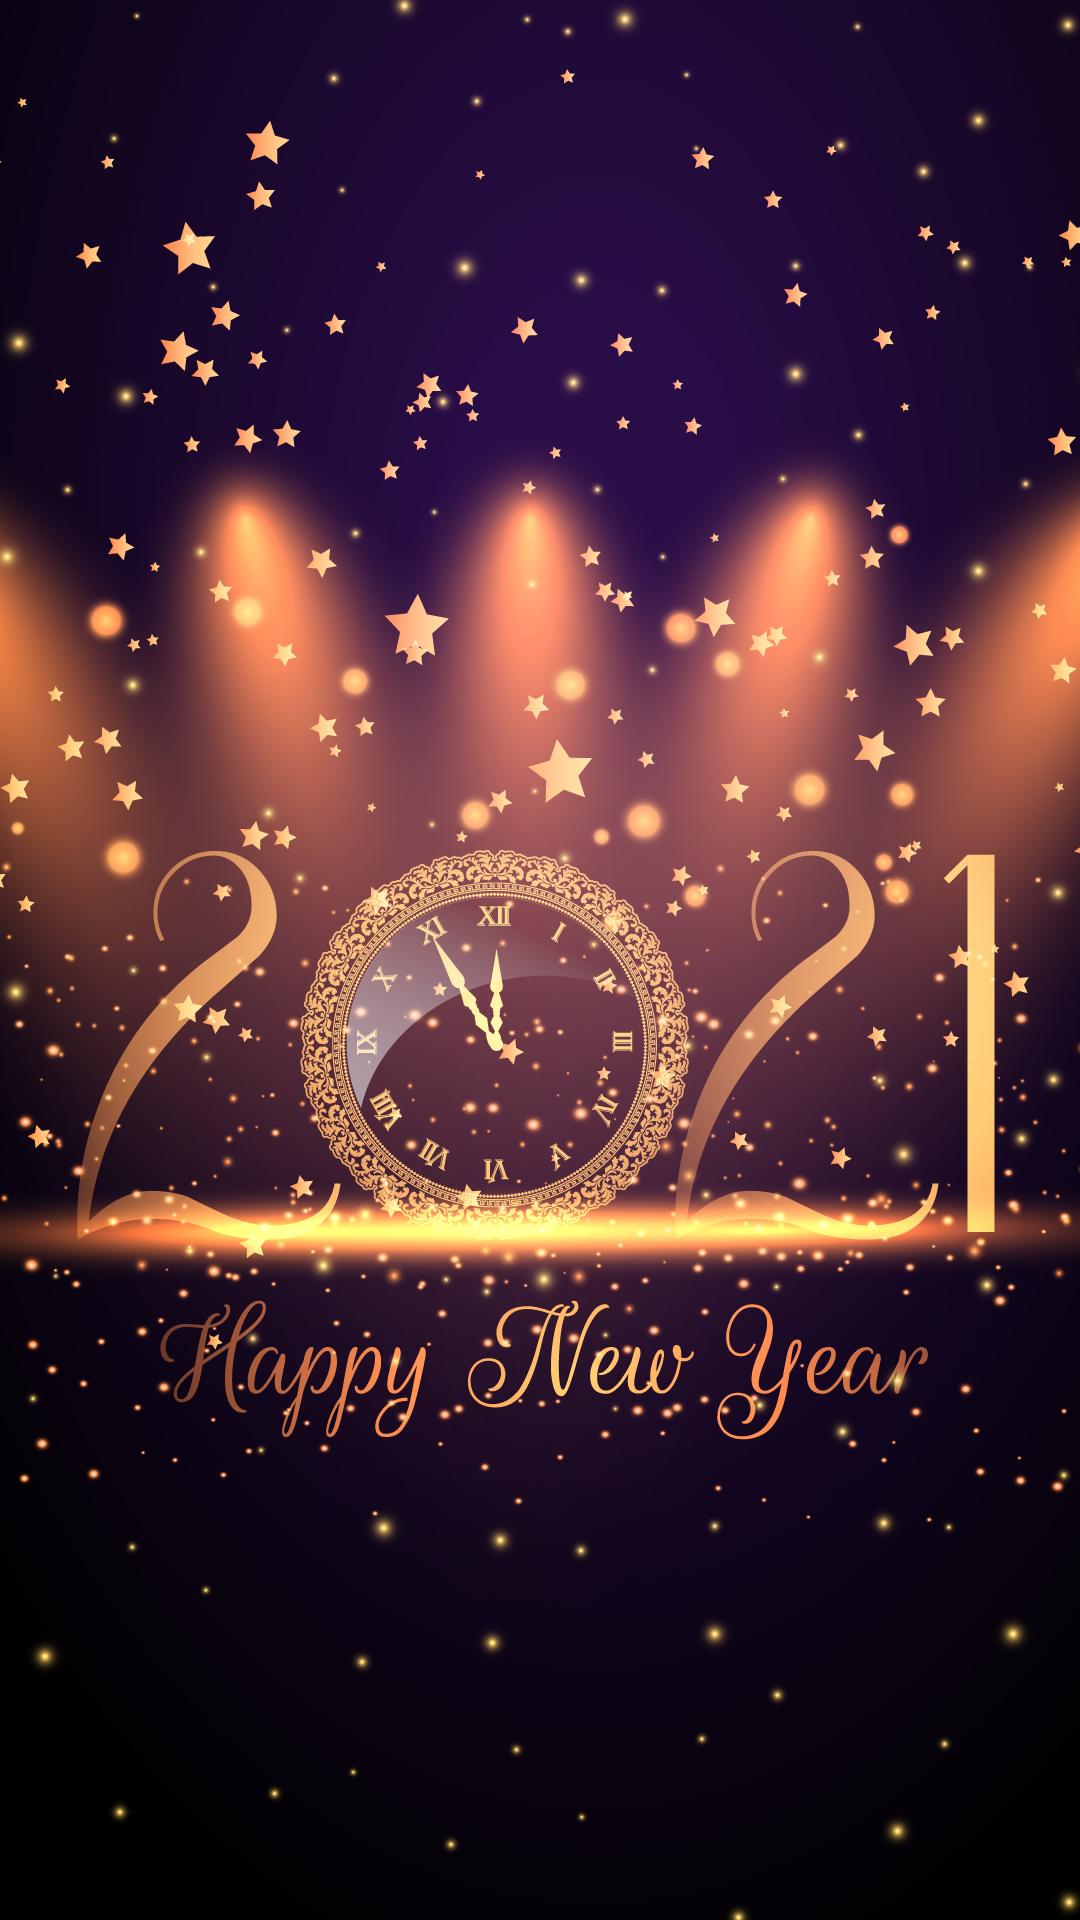 Happy New Year 2021 HD Wallpaper 1080x1920